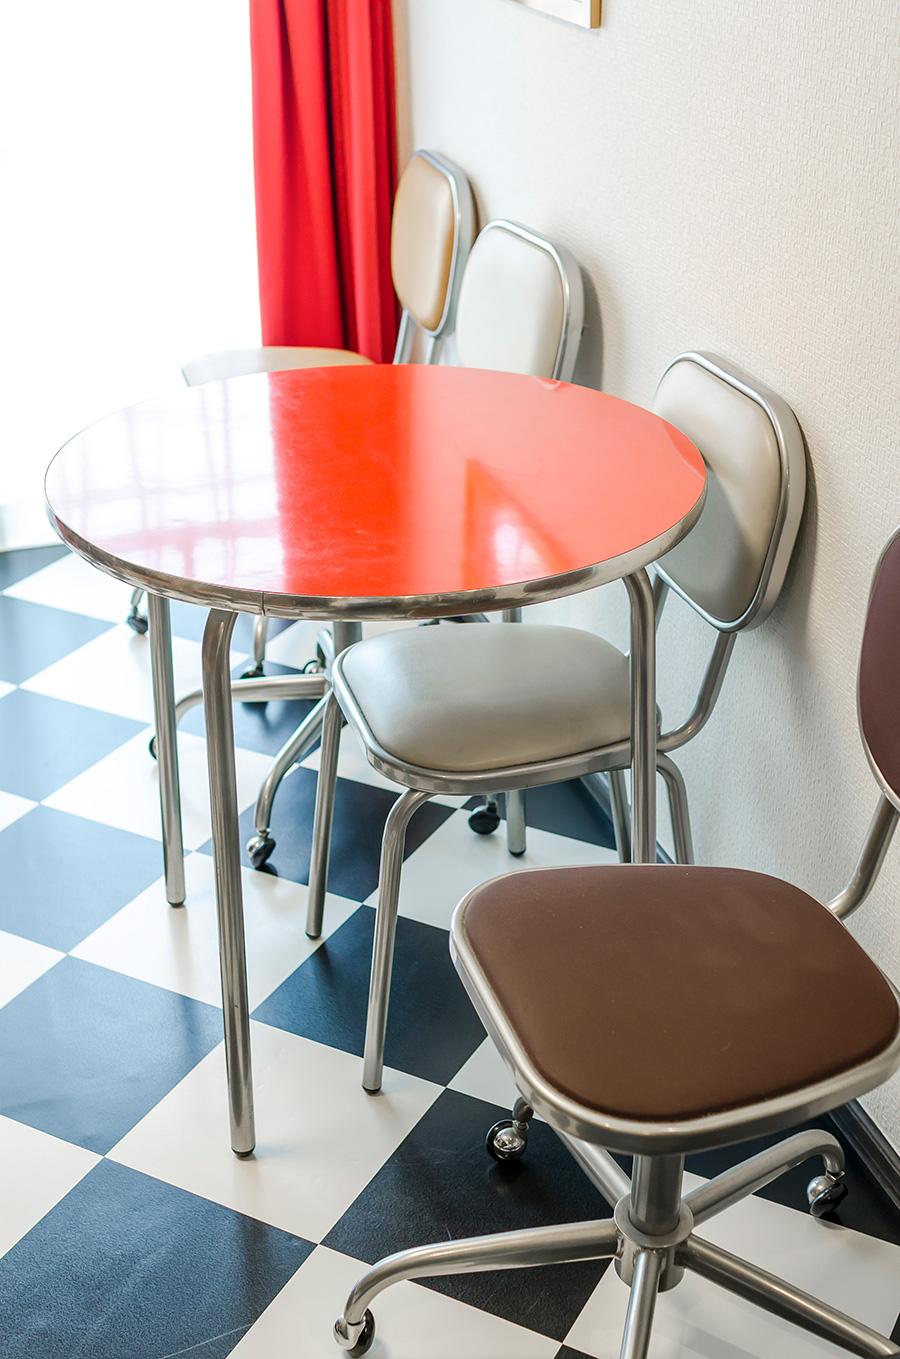 イタリア製「ARTISTA VISITATORE」のテーブルと椅子。